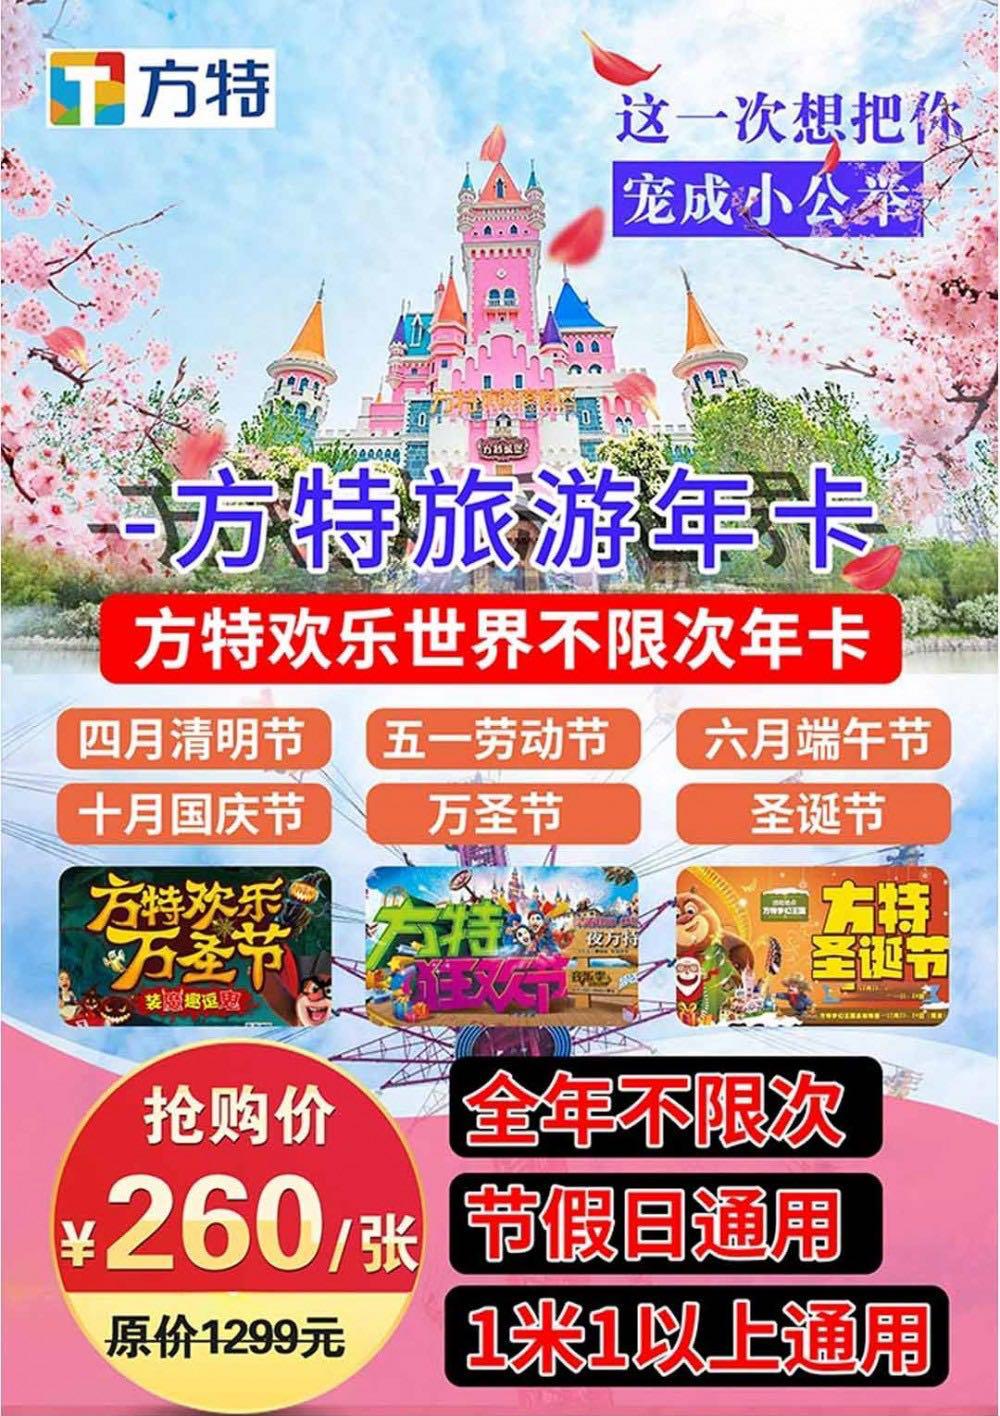 2020郑州方特年卡怎么办理(含流程)